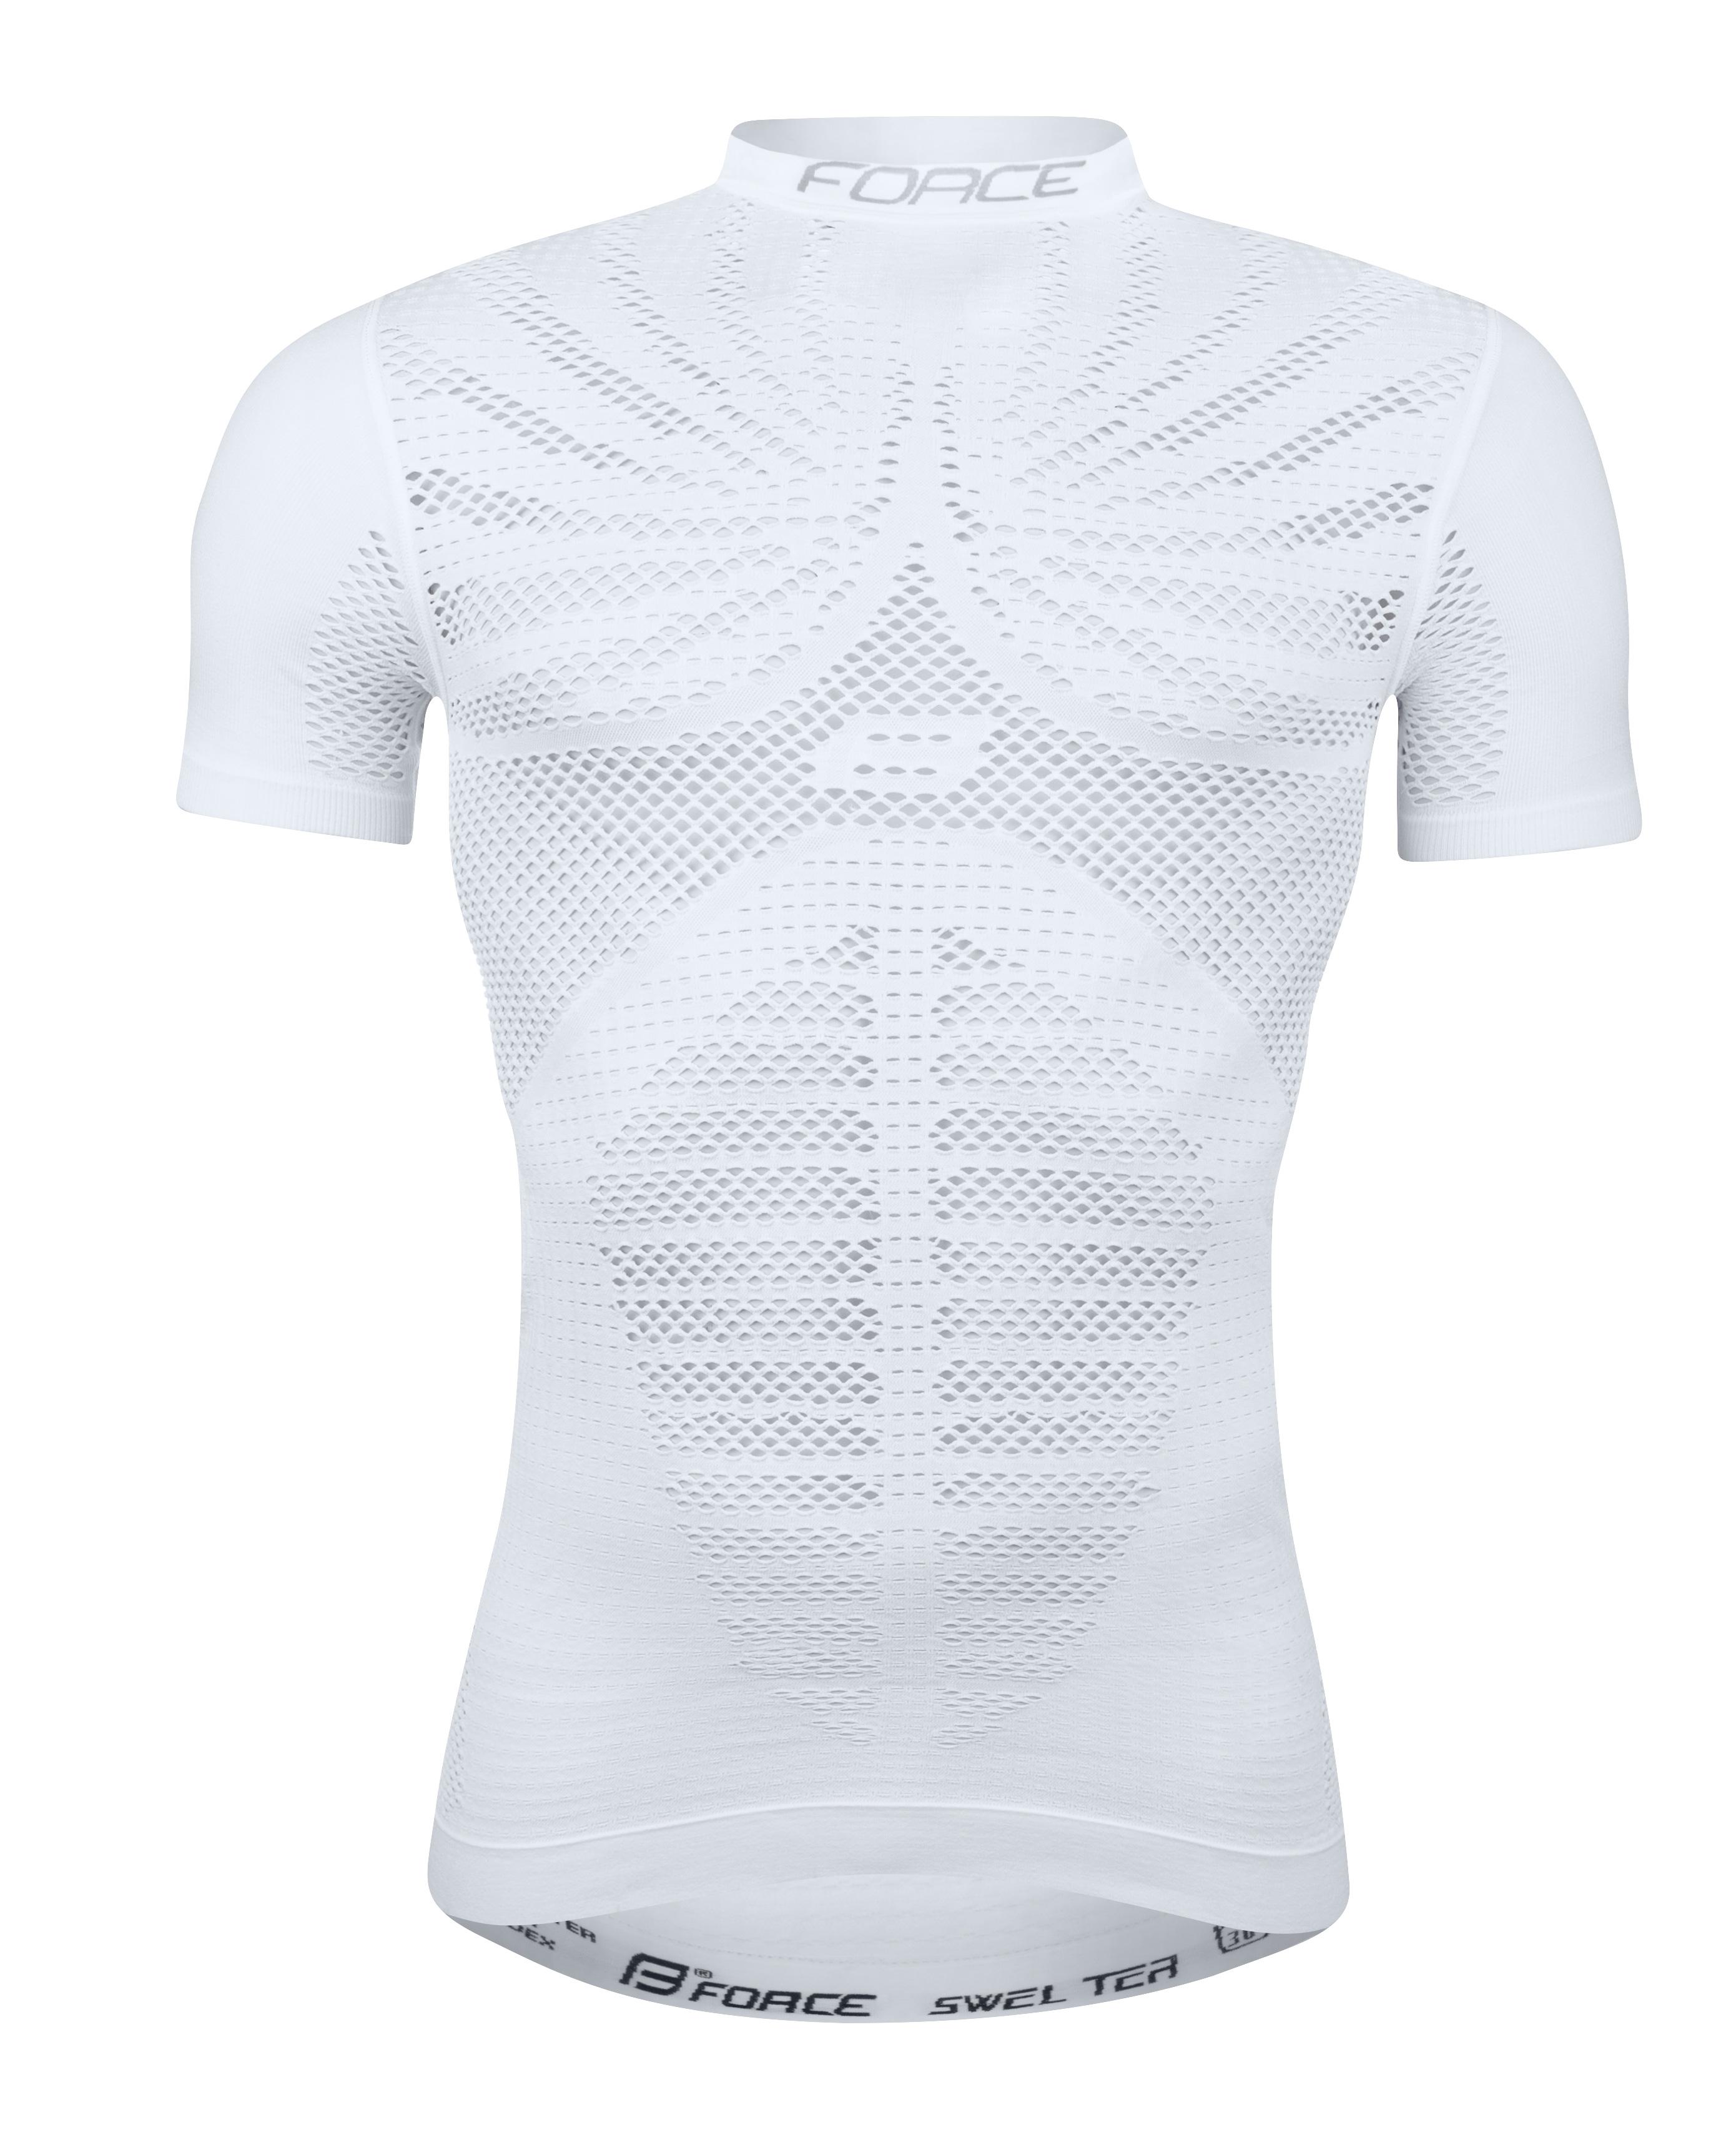 triko funkční  FORCE SWELTER krátký rukáv,bílé L-XL